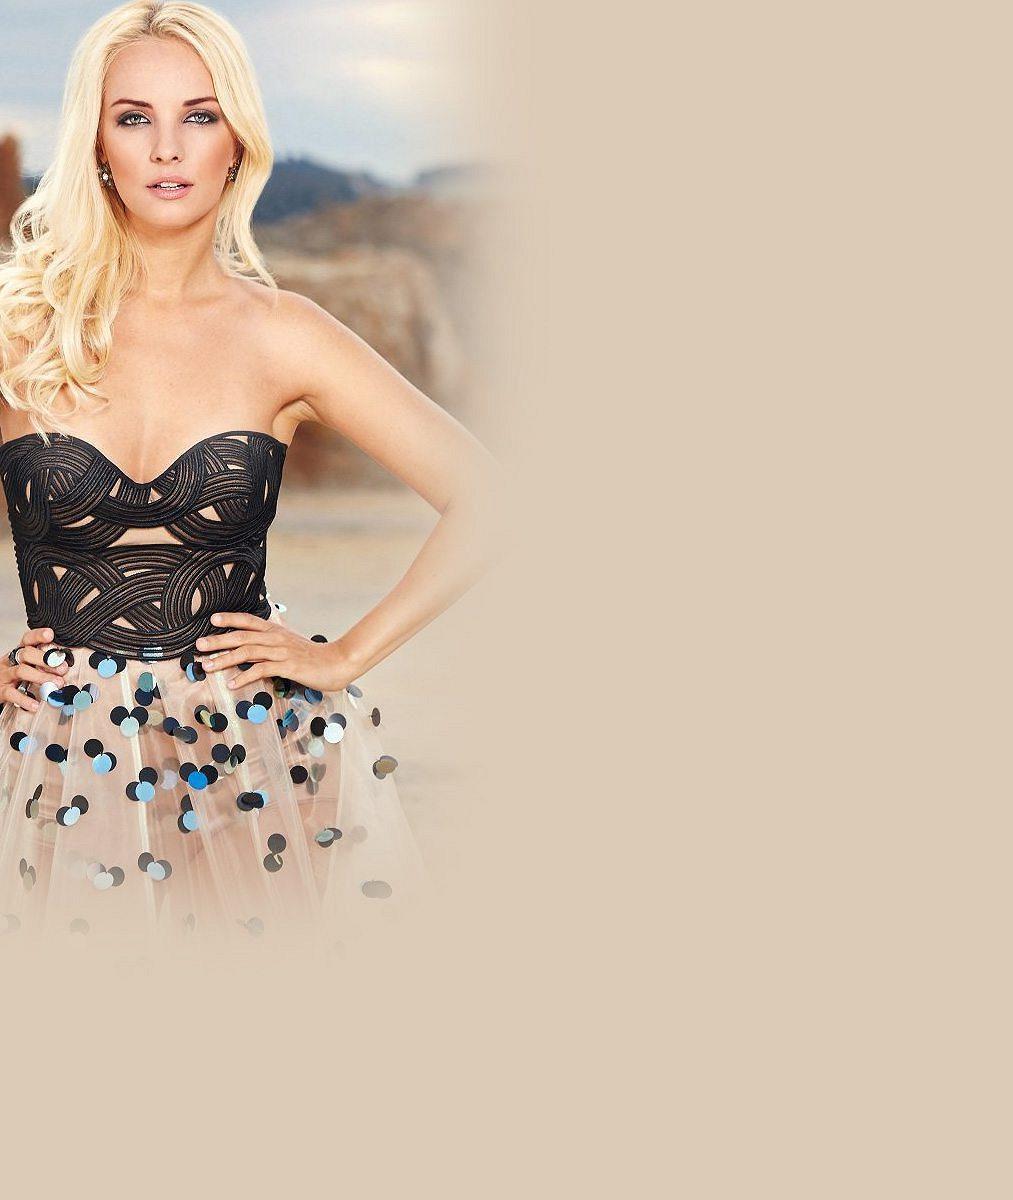 Zhubla 15 kilo a vyplatilo se: Krásná moderátorka Primy v nové kampani předvedla své parádní nohy